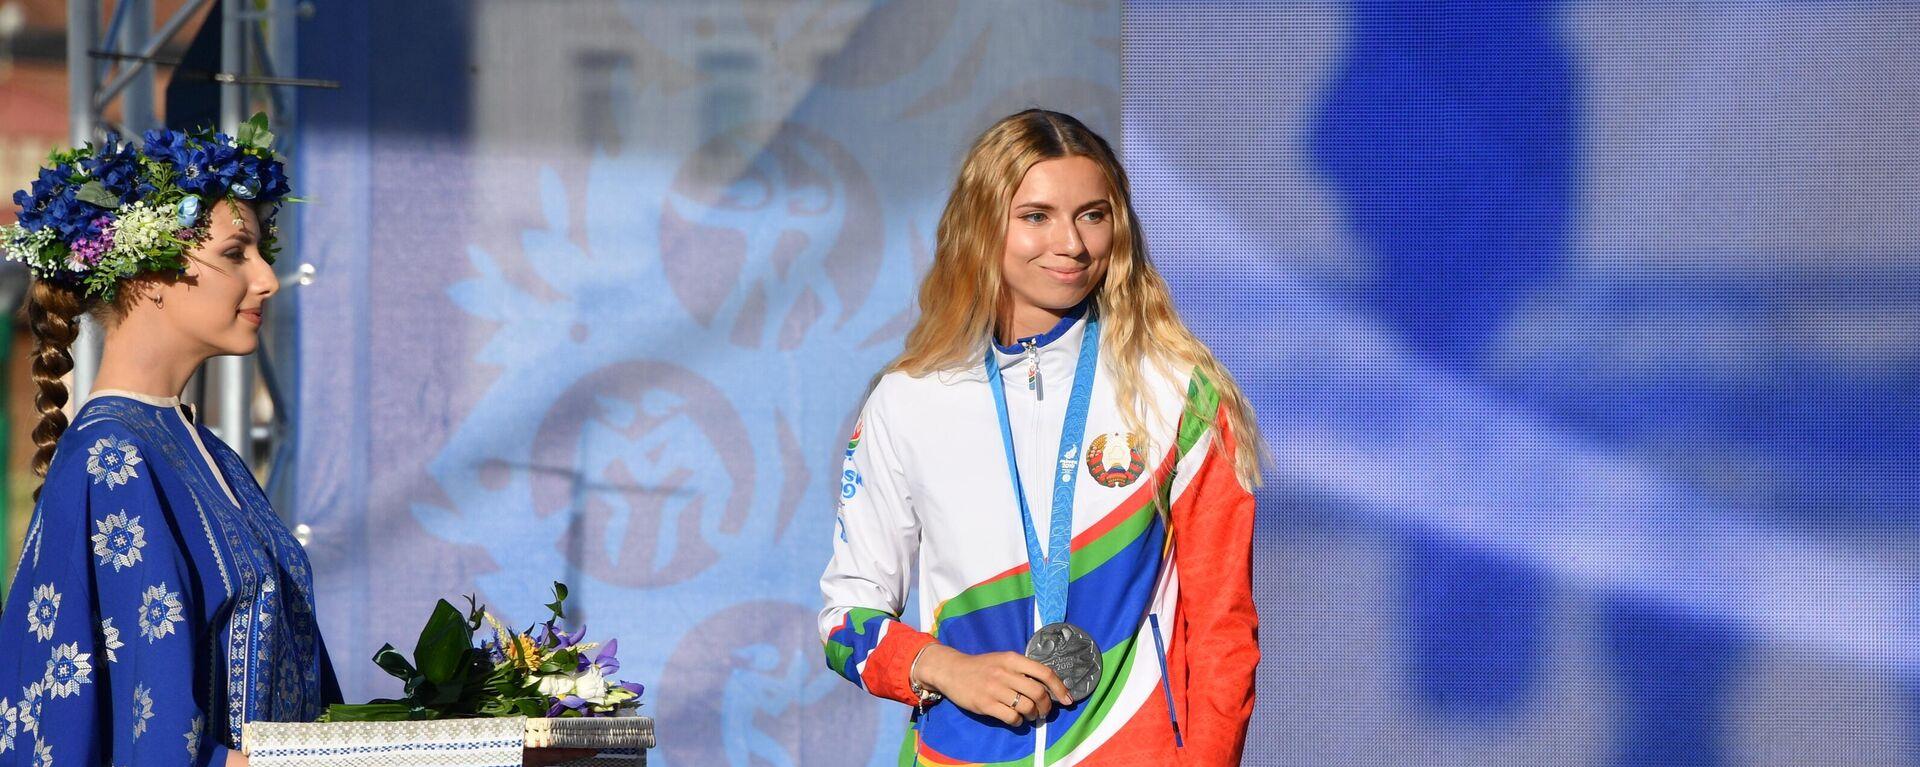 Кристина Тимановская на Европейских играх - Sputnik Латвия, 1920, 02.08.2021